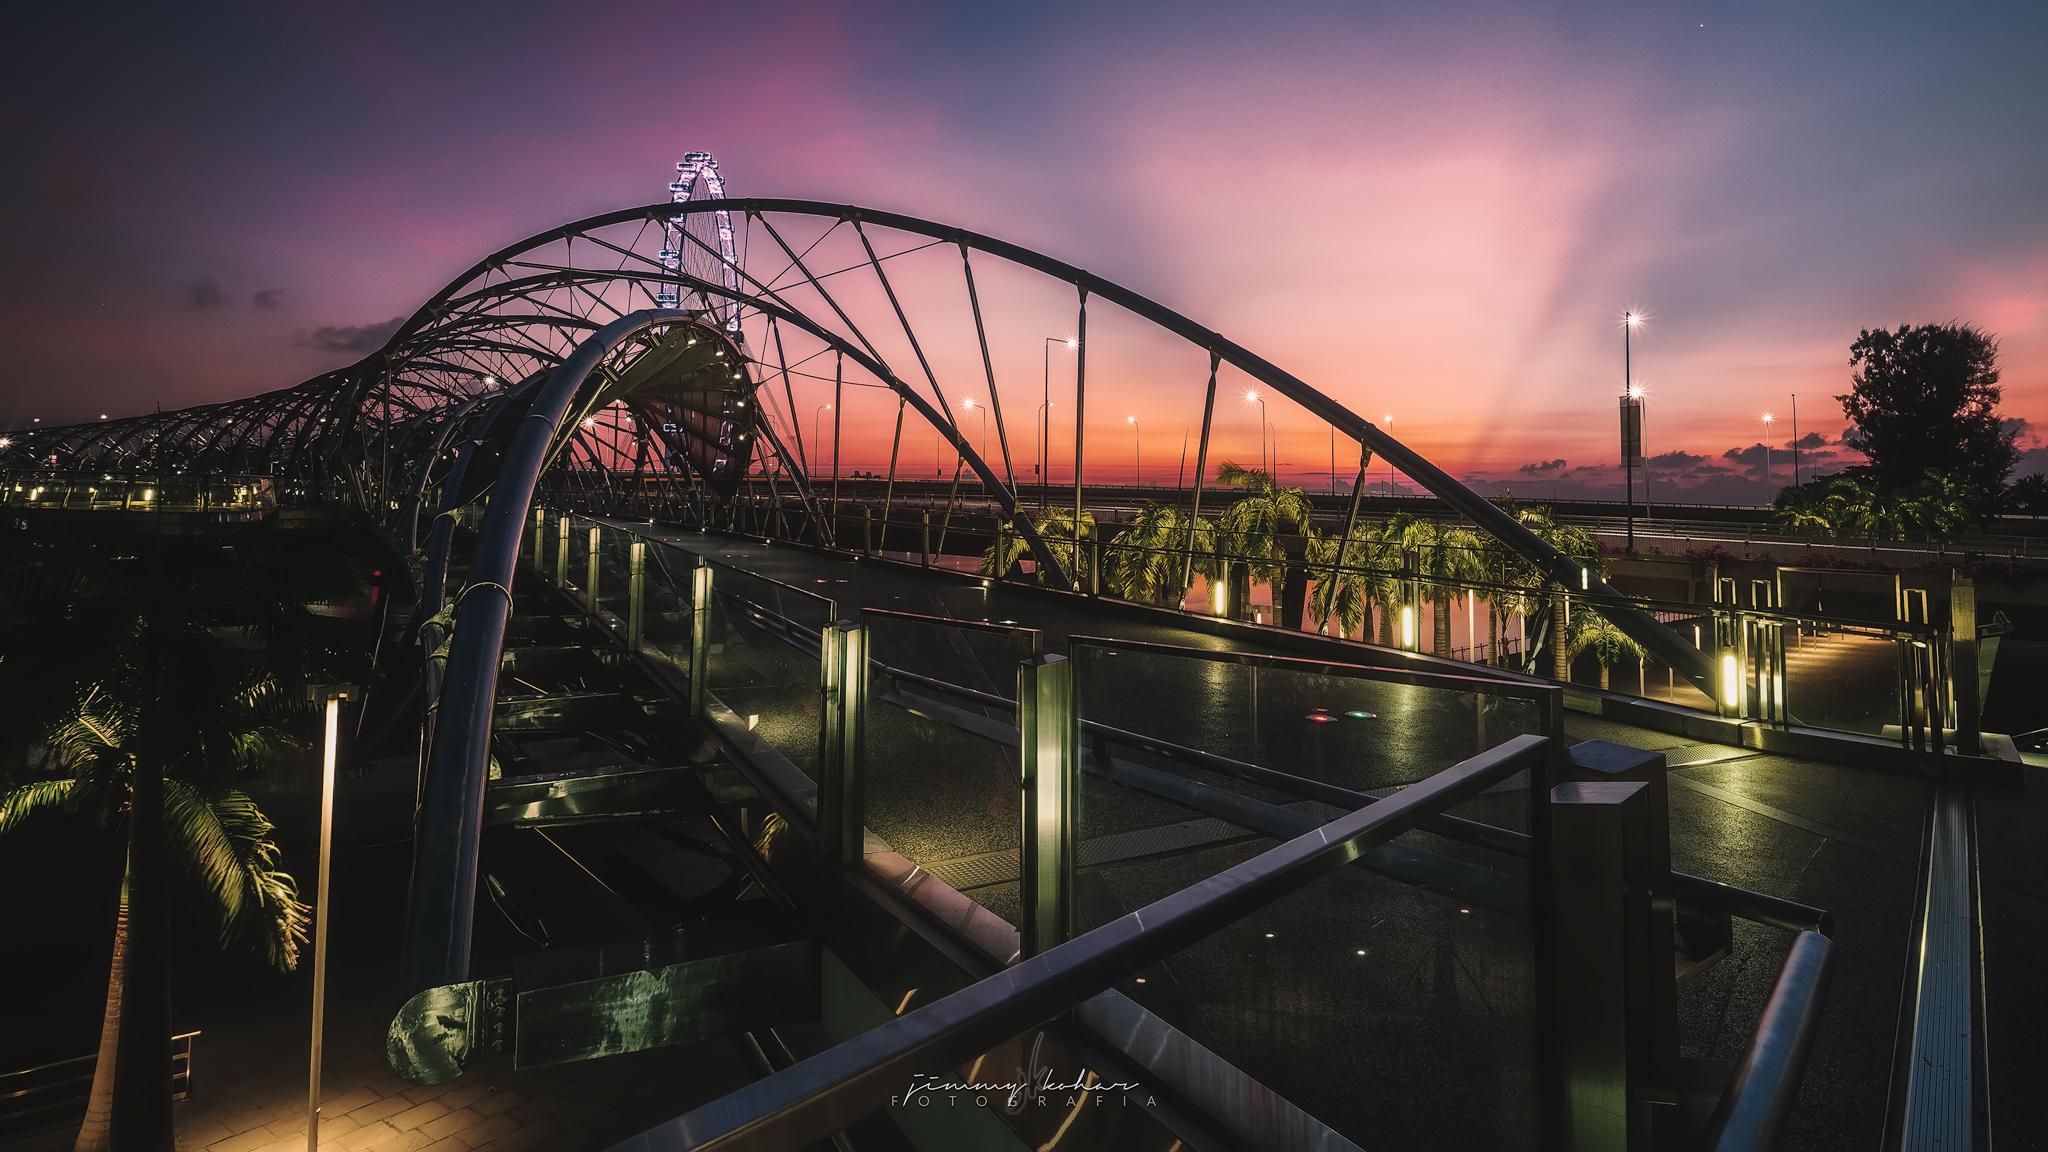 Sunrise from the Helix Bridge, Singapore